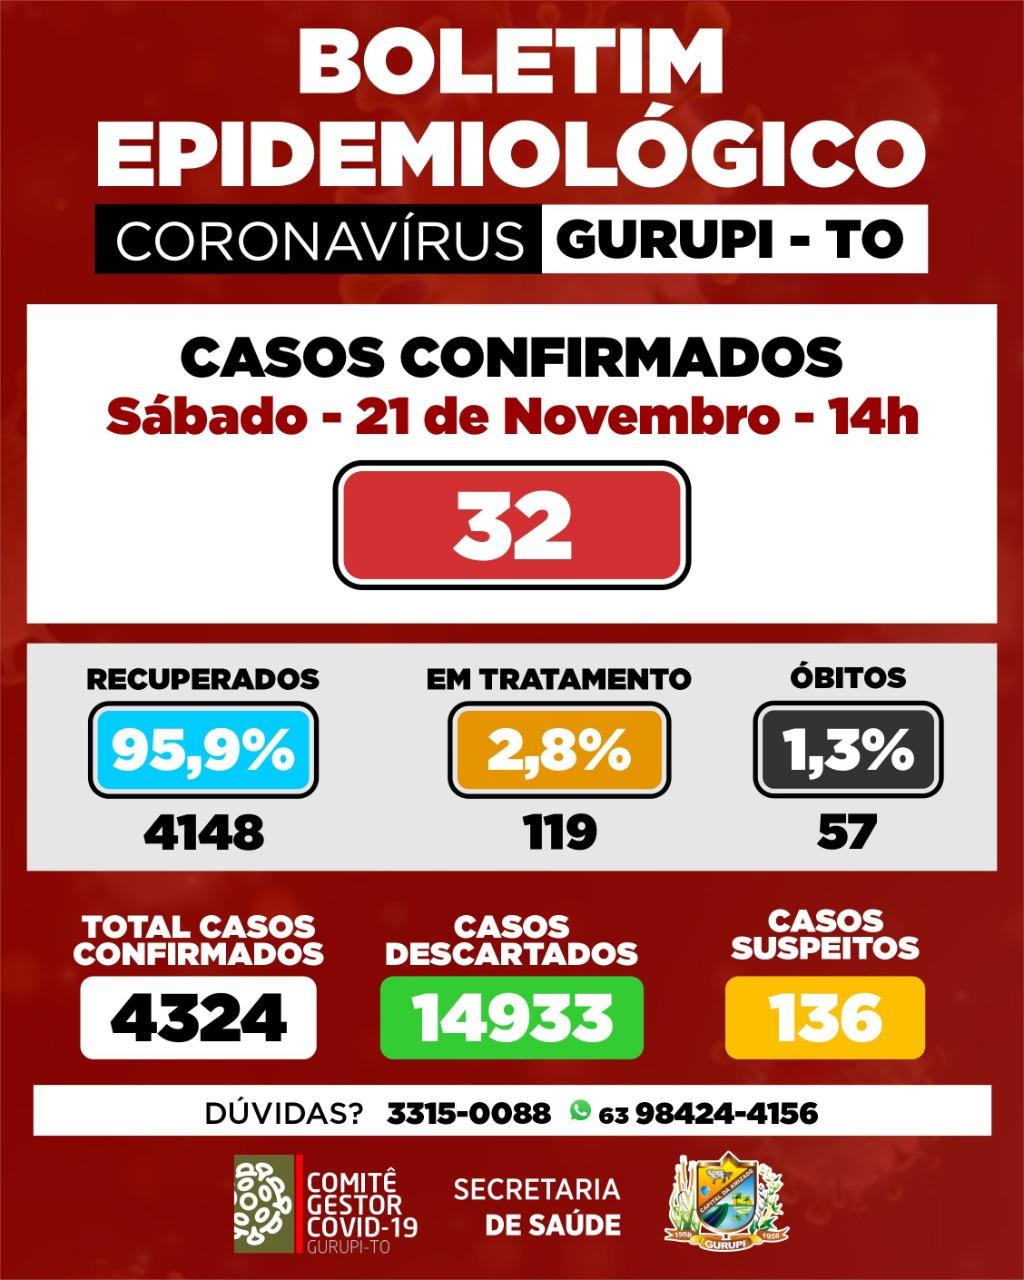 Boletim epidemiológico informa 32 novos casos de coronavírus em Gurupi